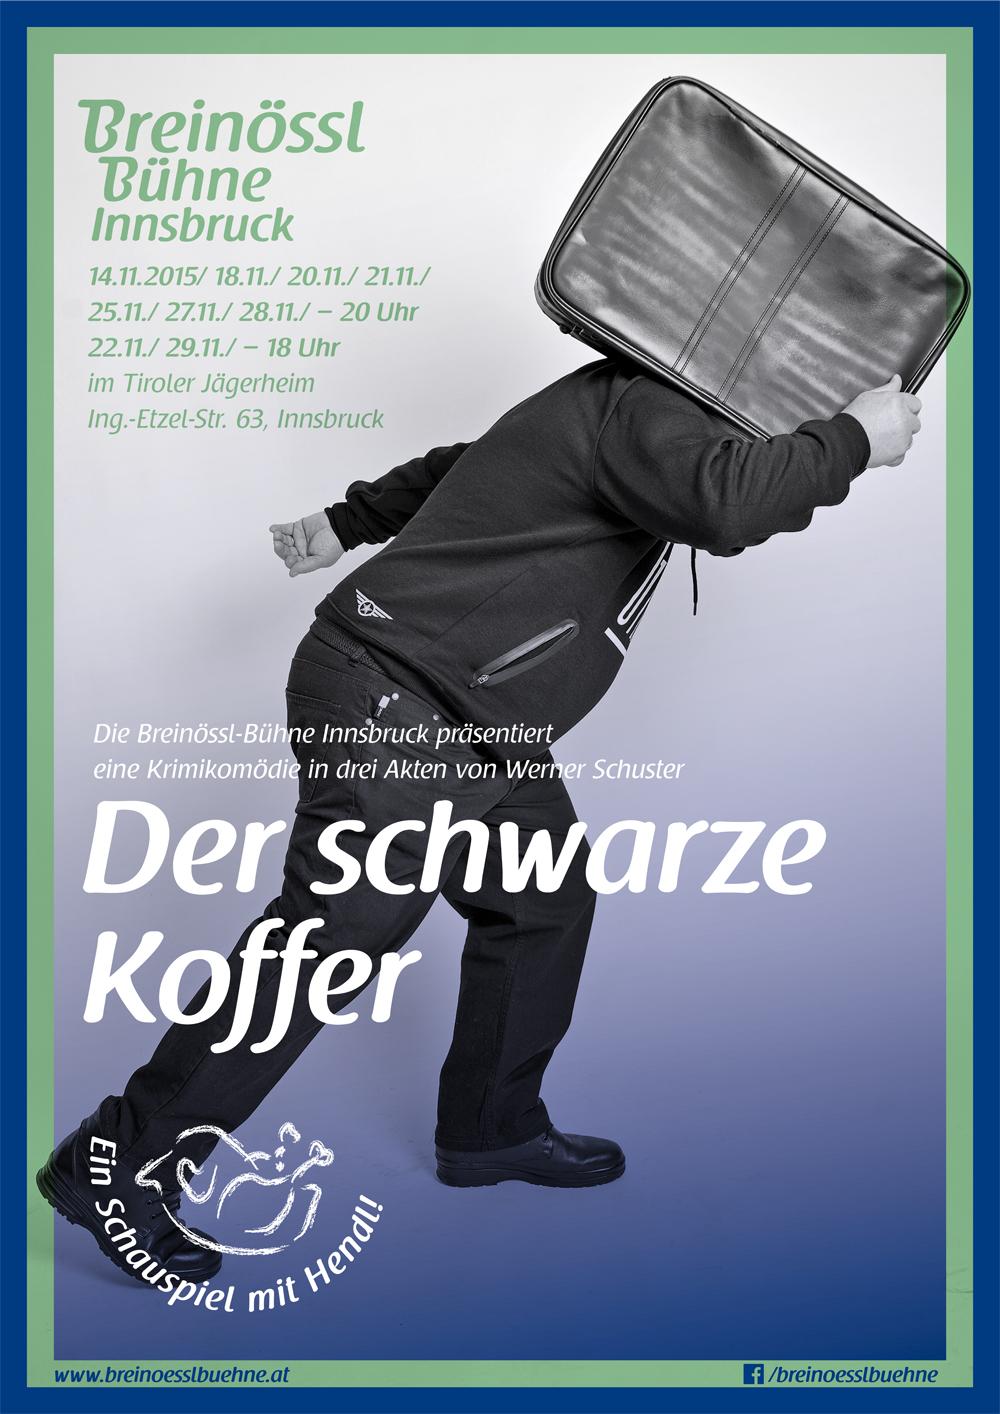 111115_brb_der-schwarze-koffer